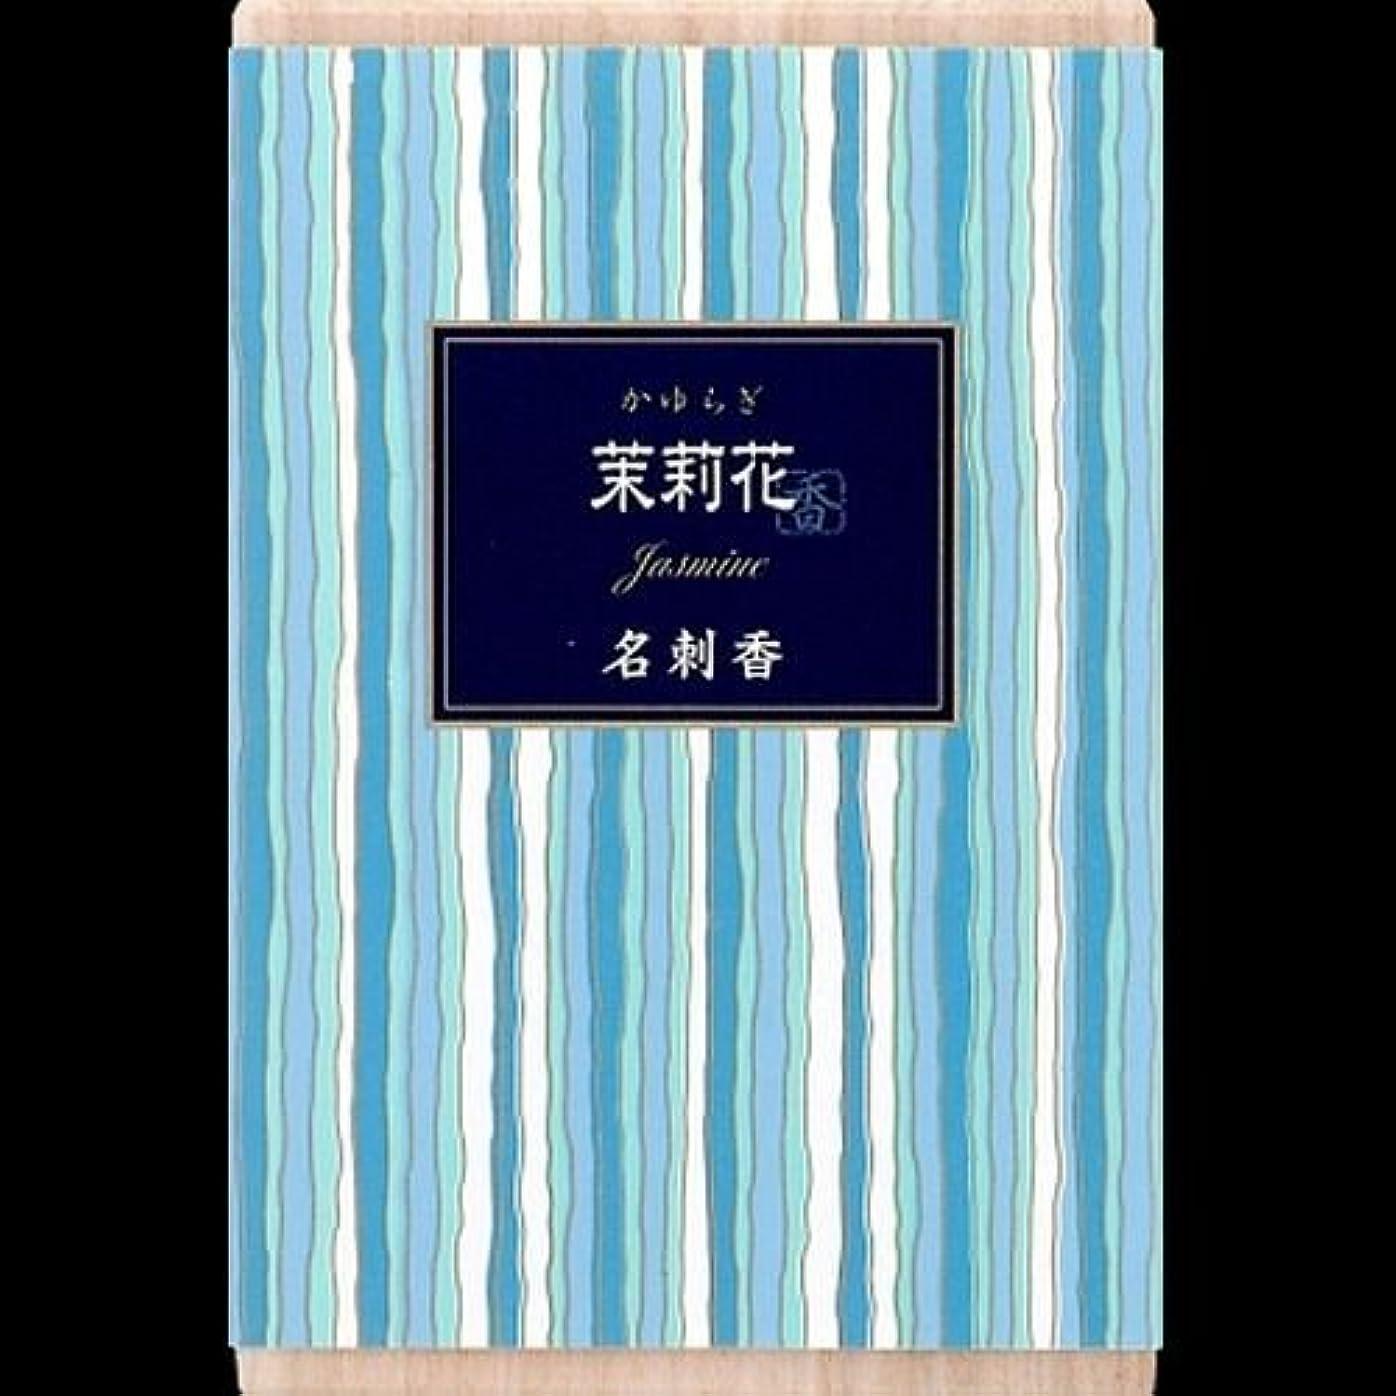 休憩ガード耳【まとめ買い】かゆらぎ 茉莉花 名刺香 桐箱 6入 ×2セット